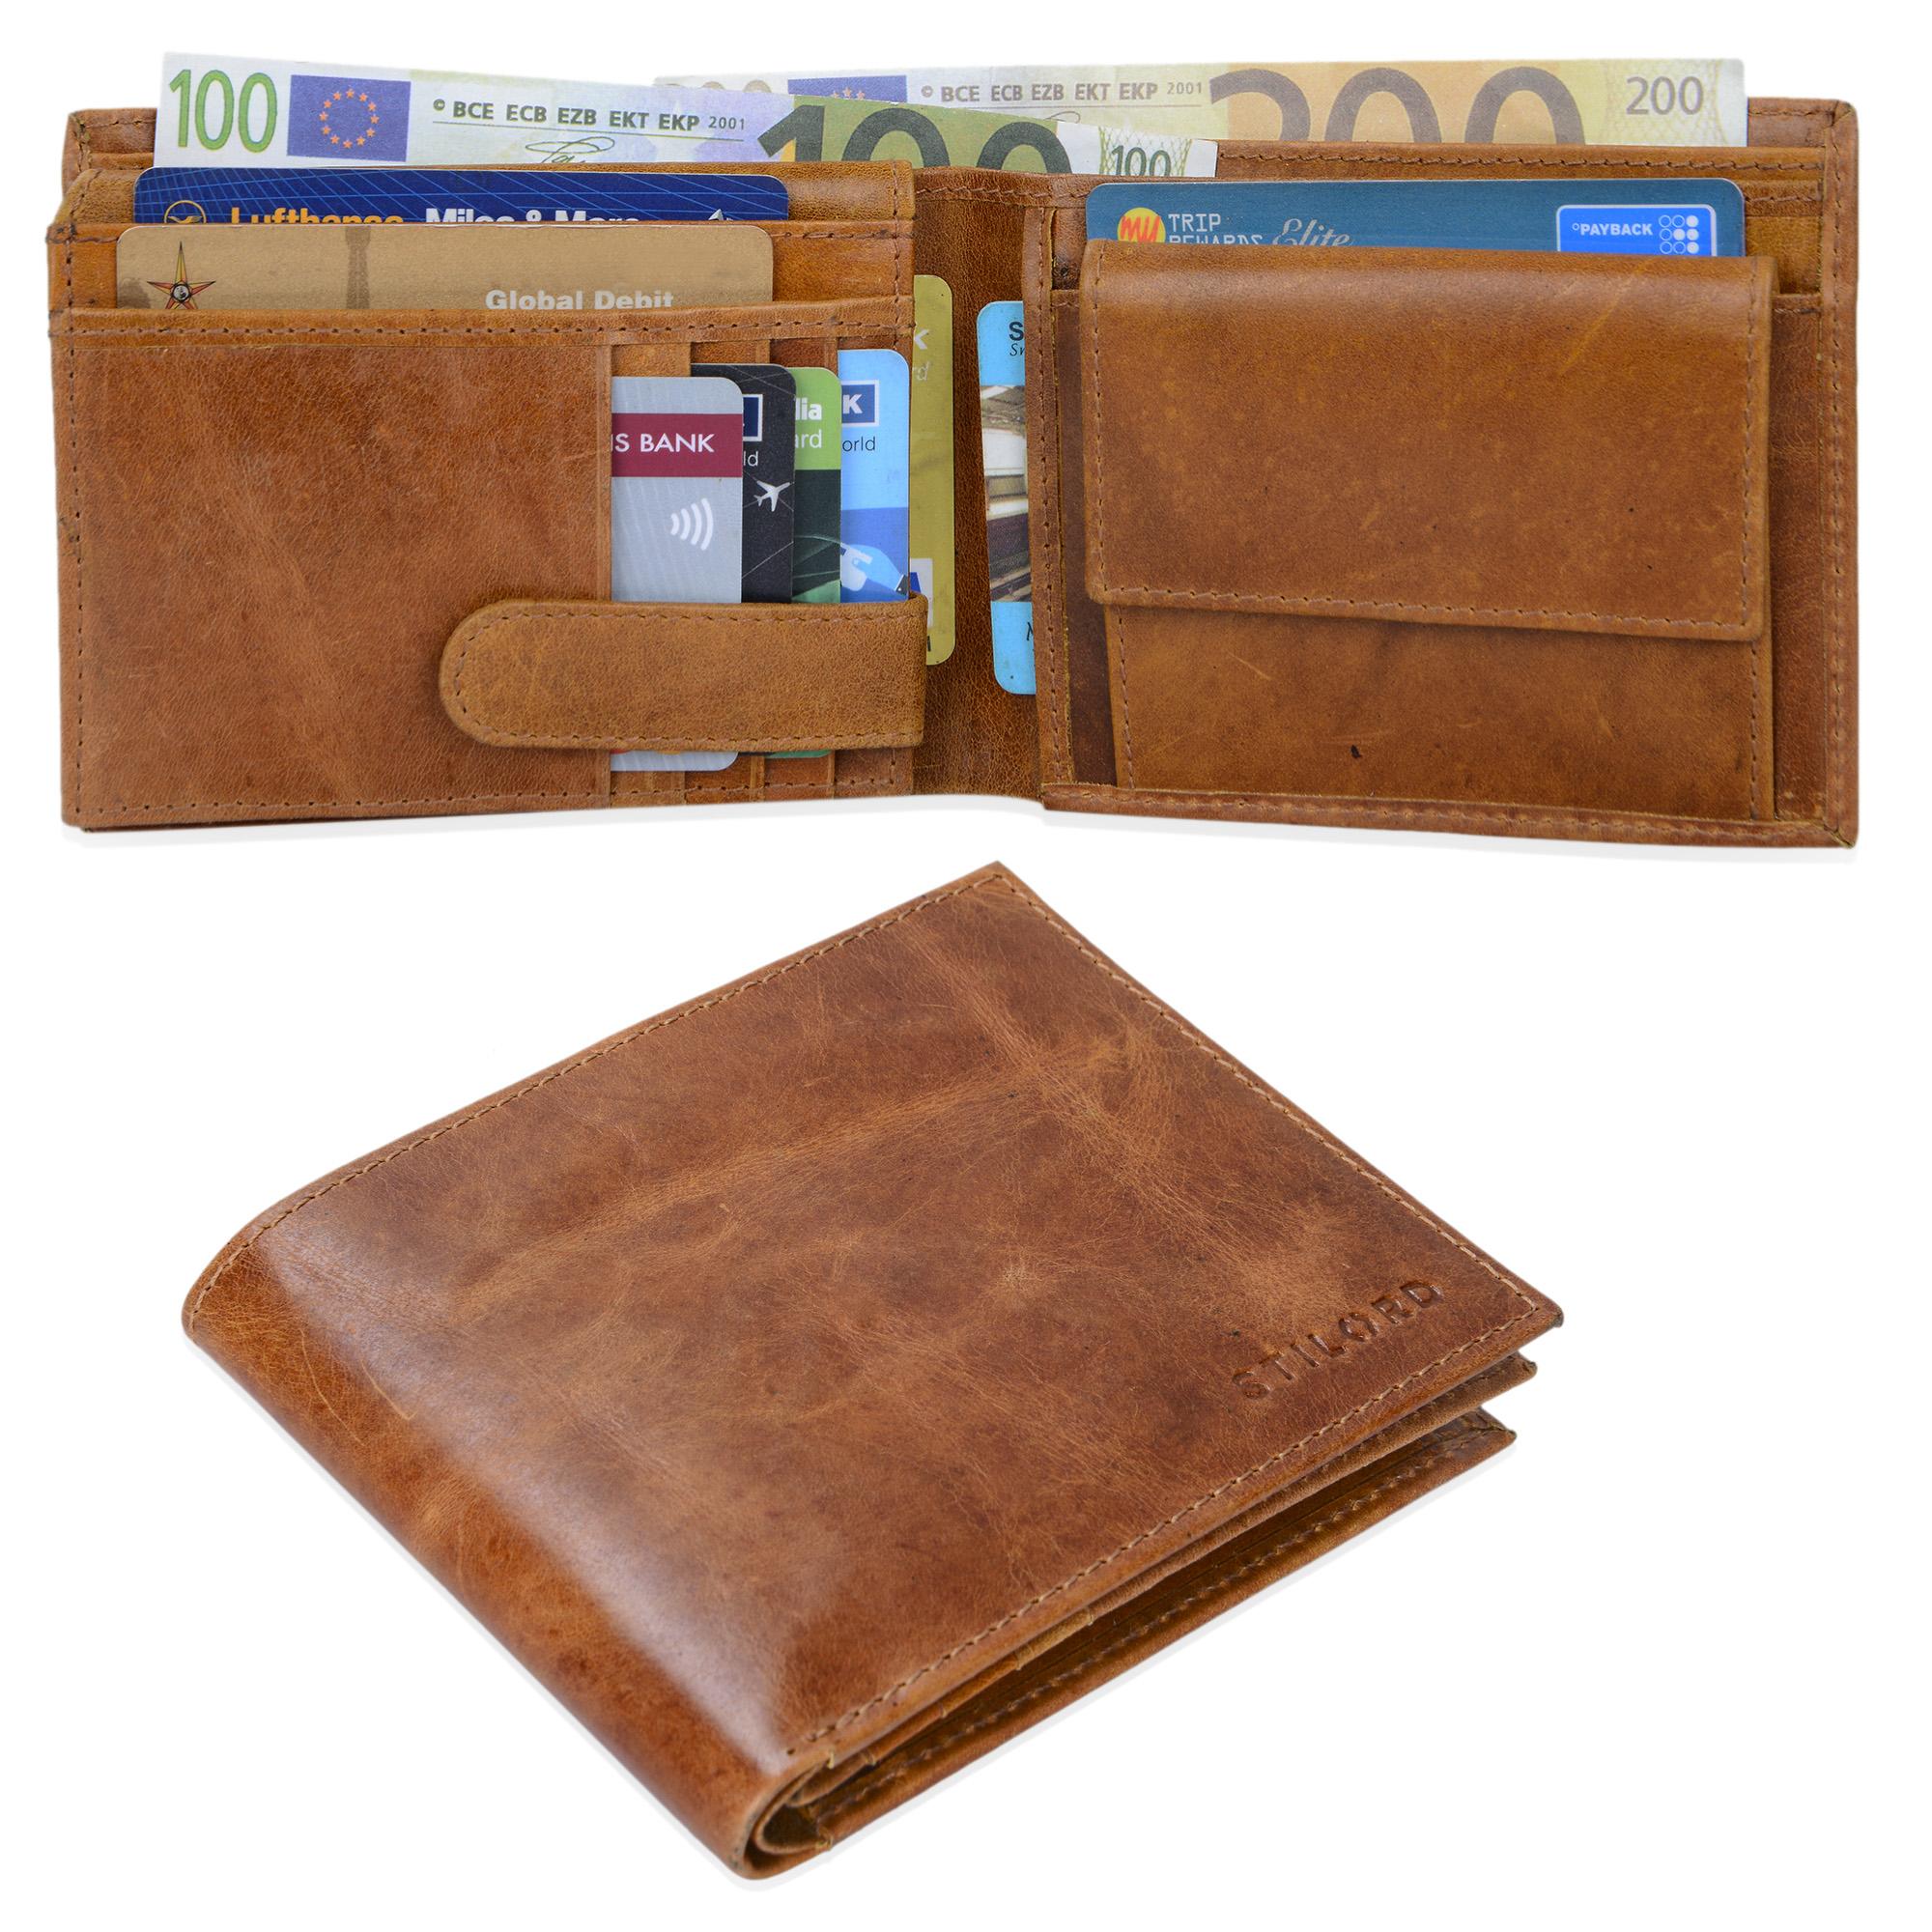 """STILORD """"Chester"""" Vintage Leder Geldbörse mit EC-Karten Schutz Herren Portemonnaie Brieftasche elegant  Retro Rindsleder - Bild 8"""